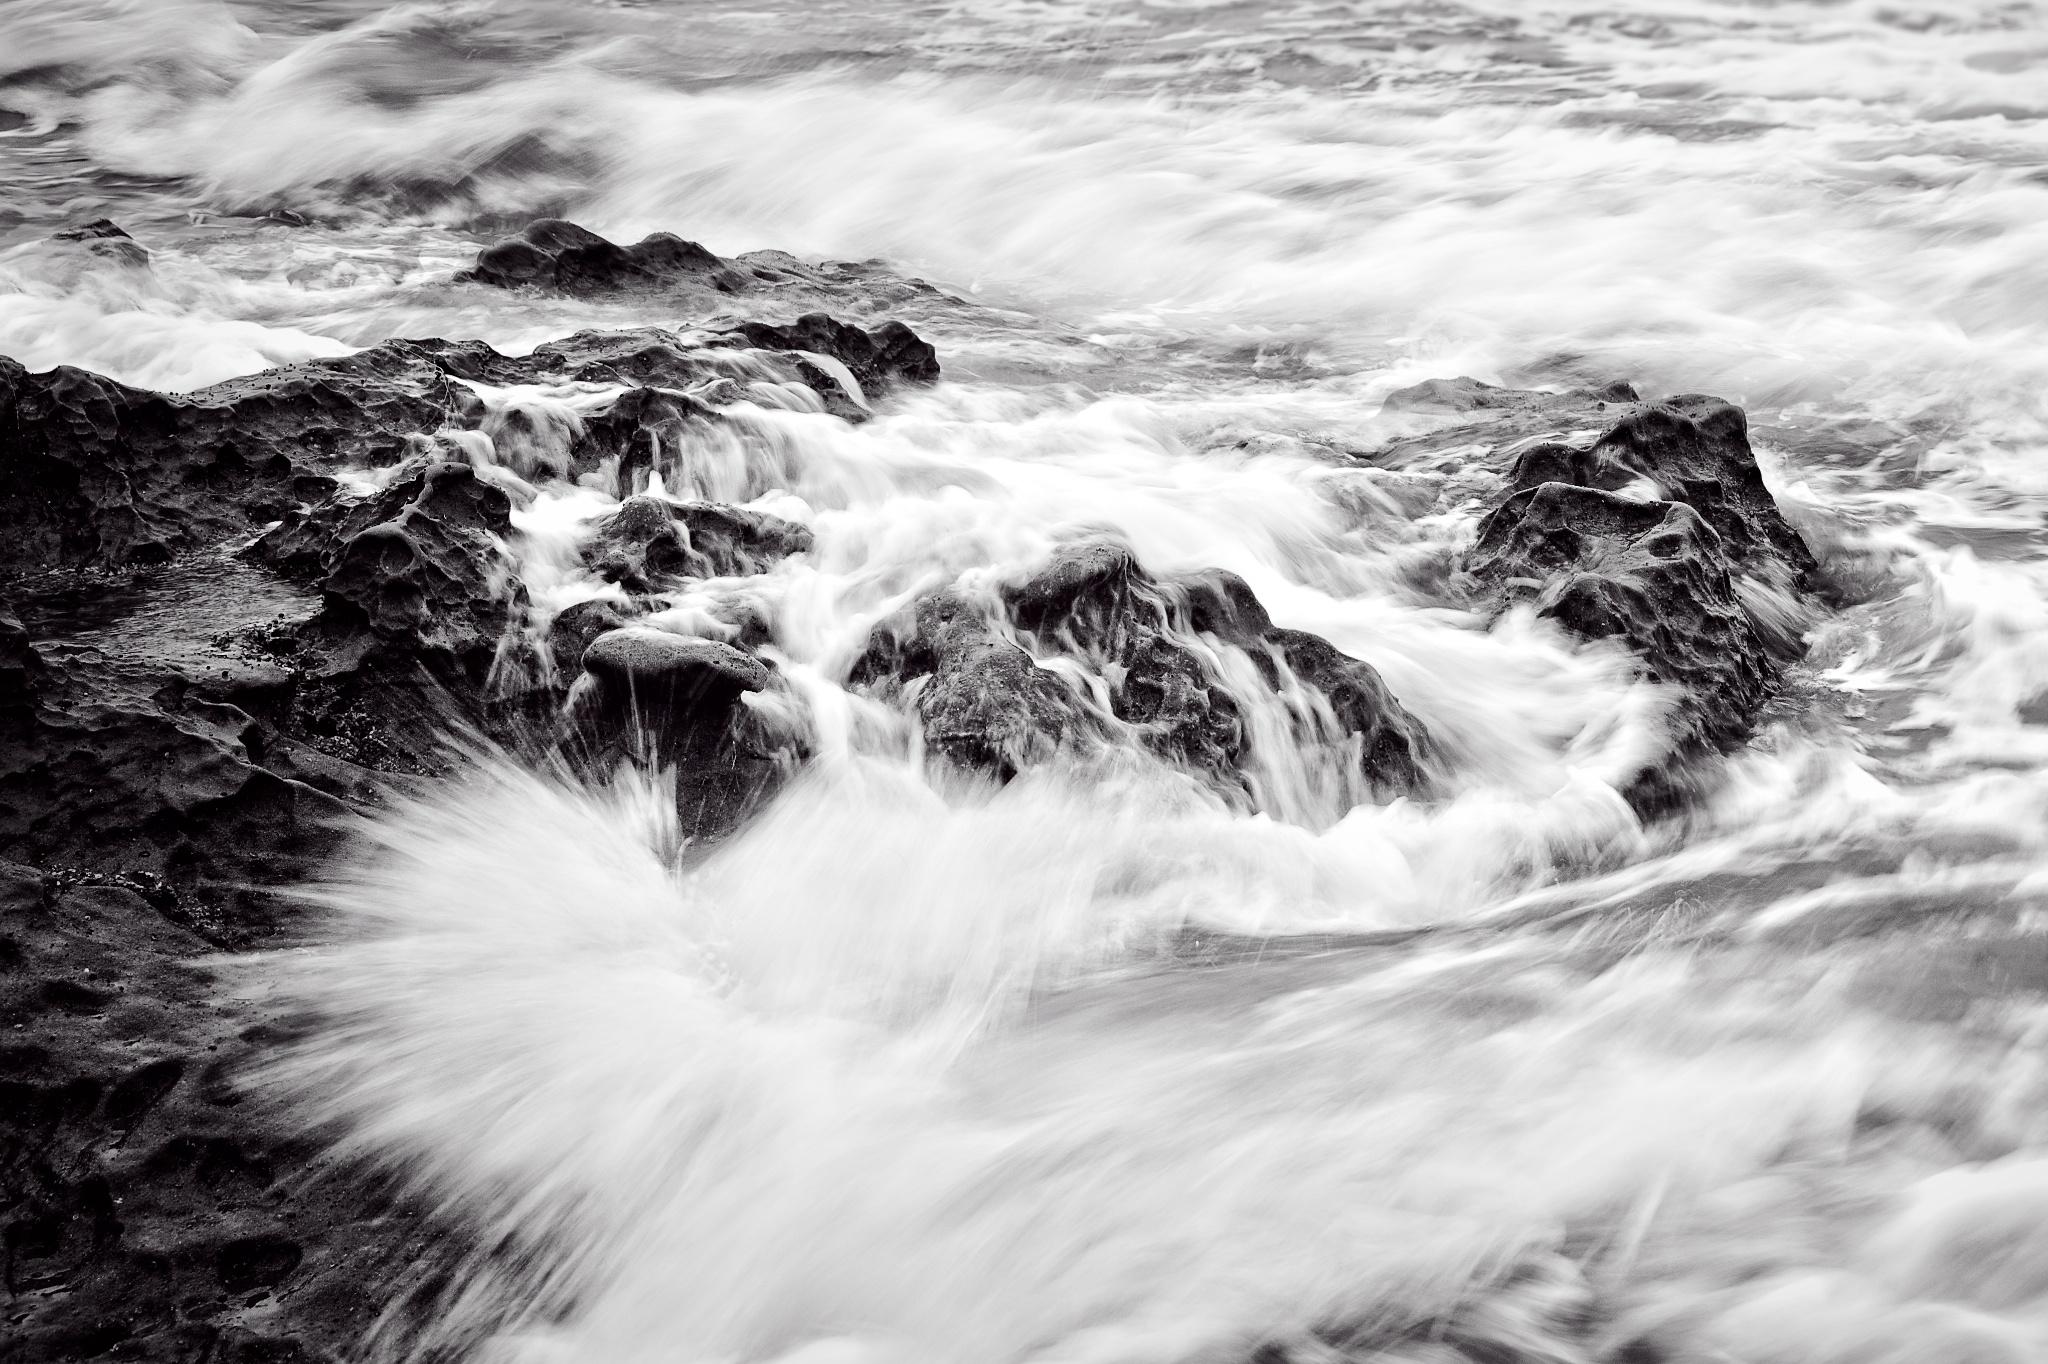 Waves Crash / San Diego, CA